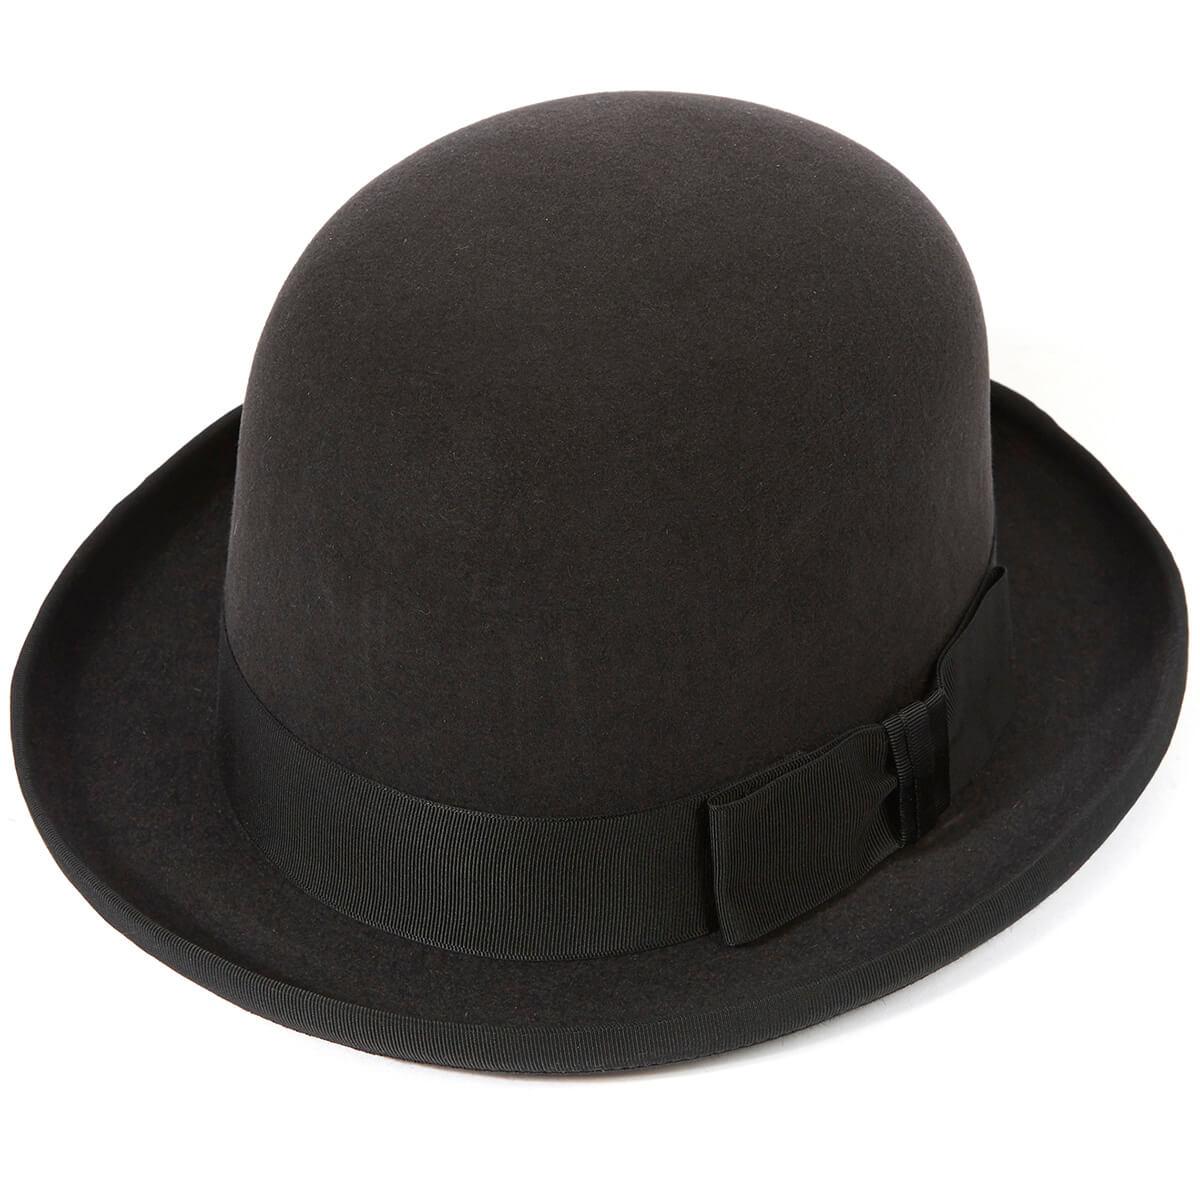 Homburg Hat - DGREY Bessemer in size 58